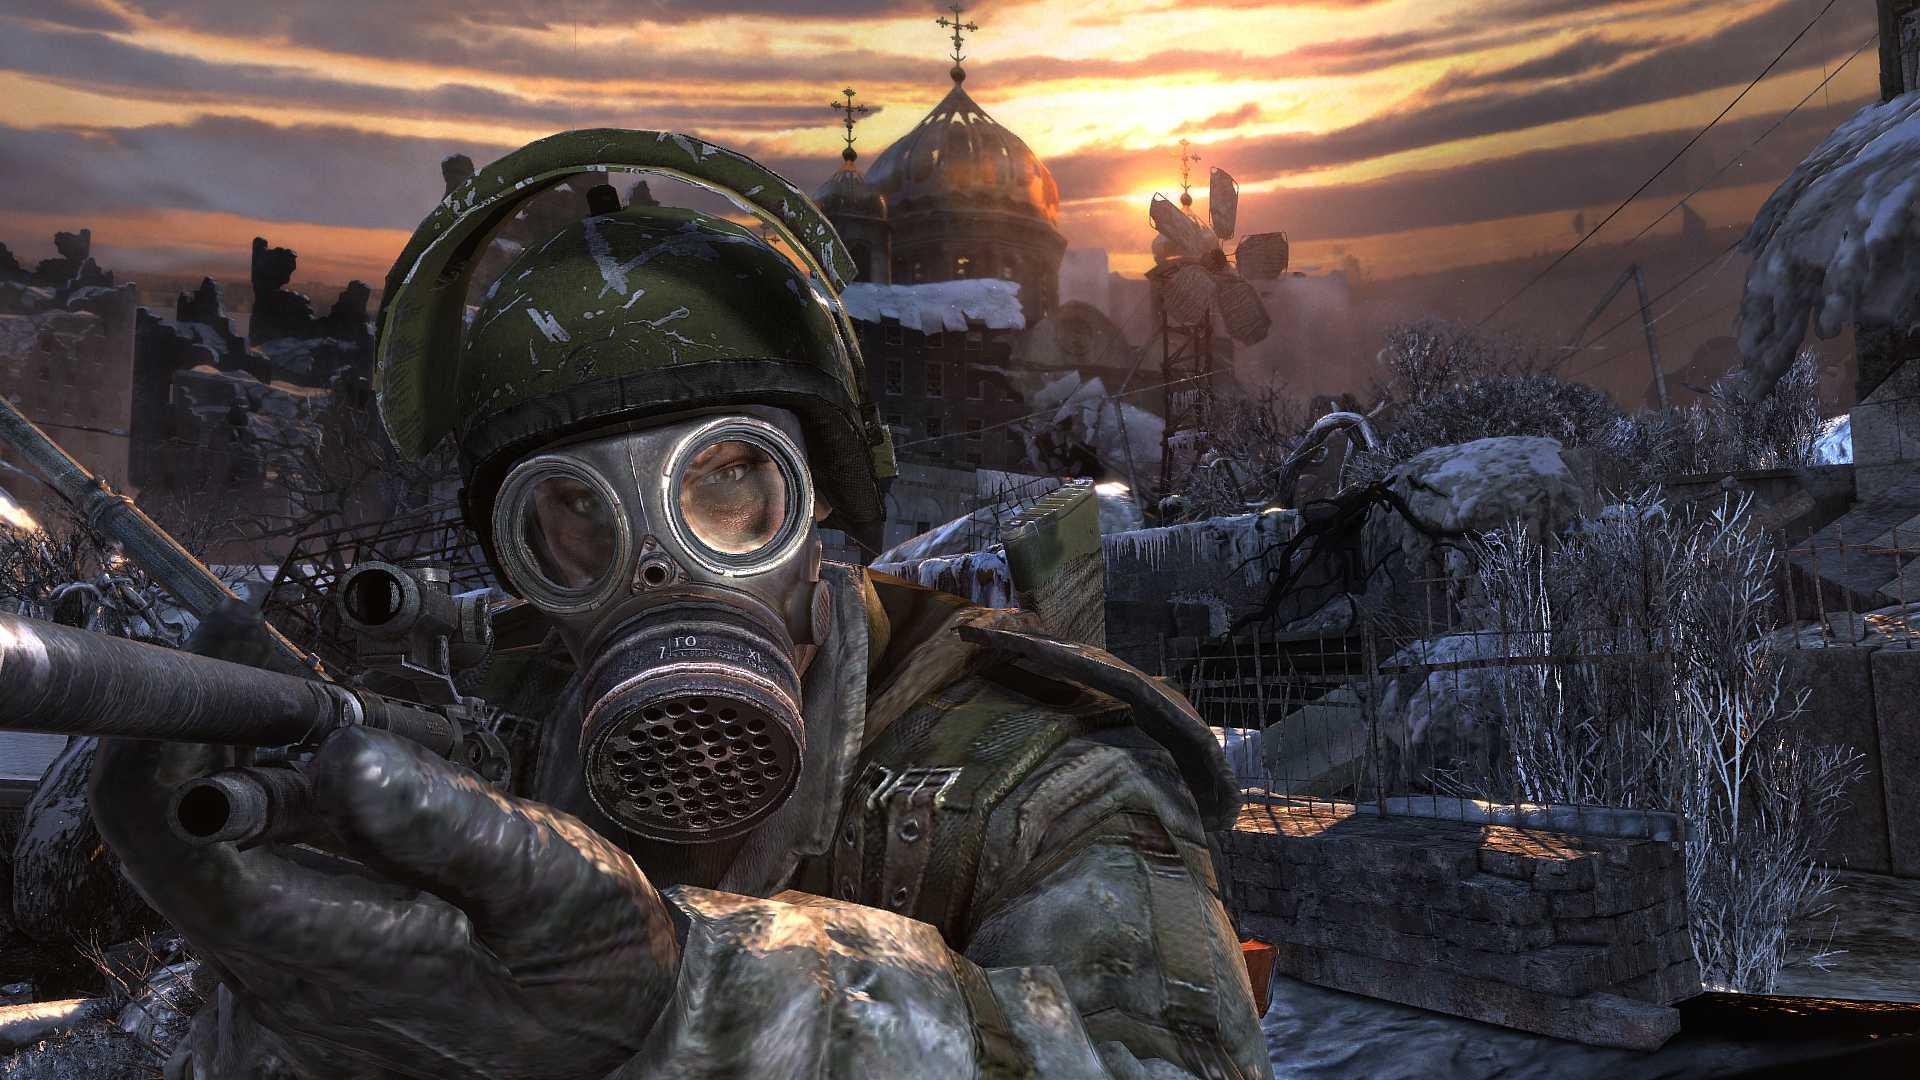 Получите Metro 2033 бесплатно в Steam и другие игры Metro по дешевке